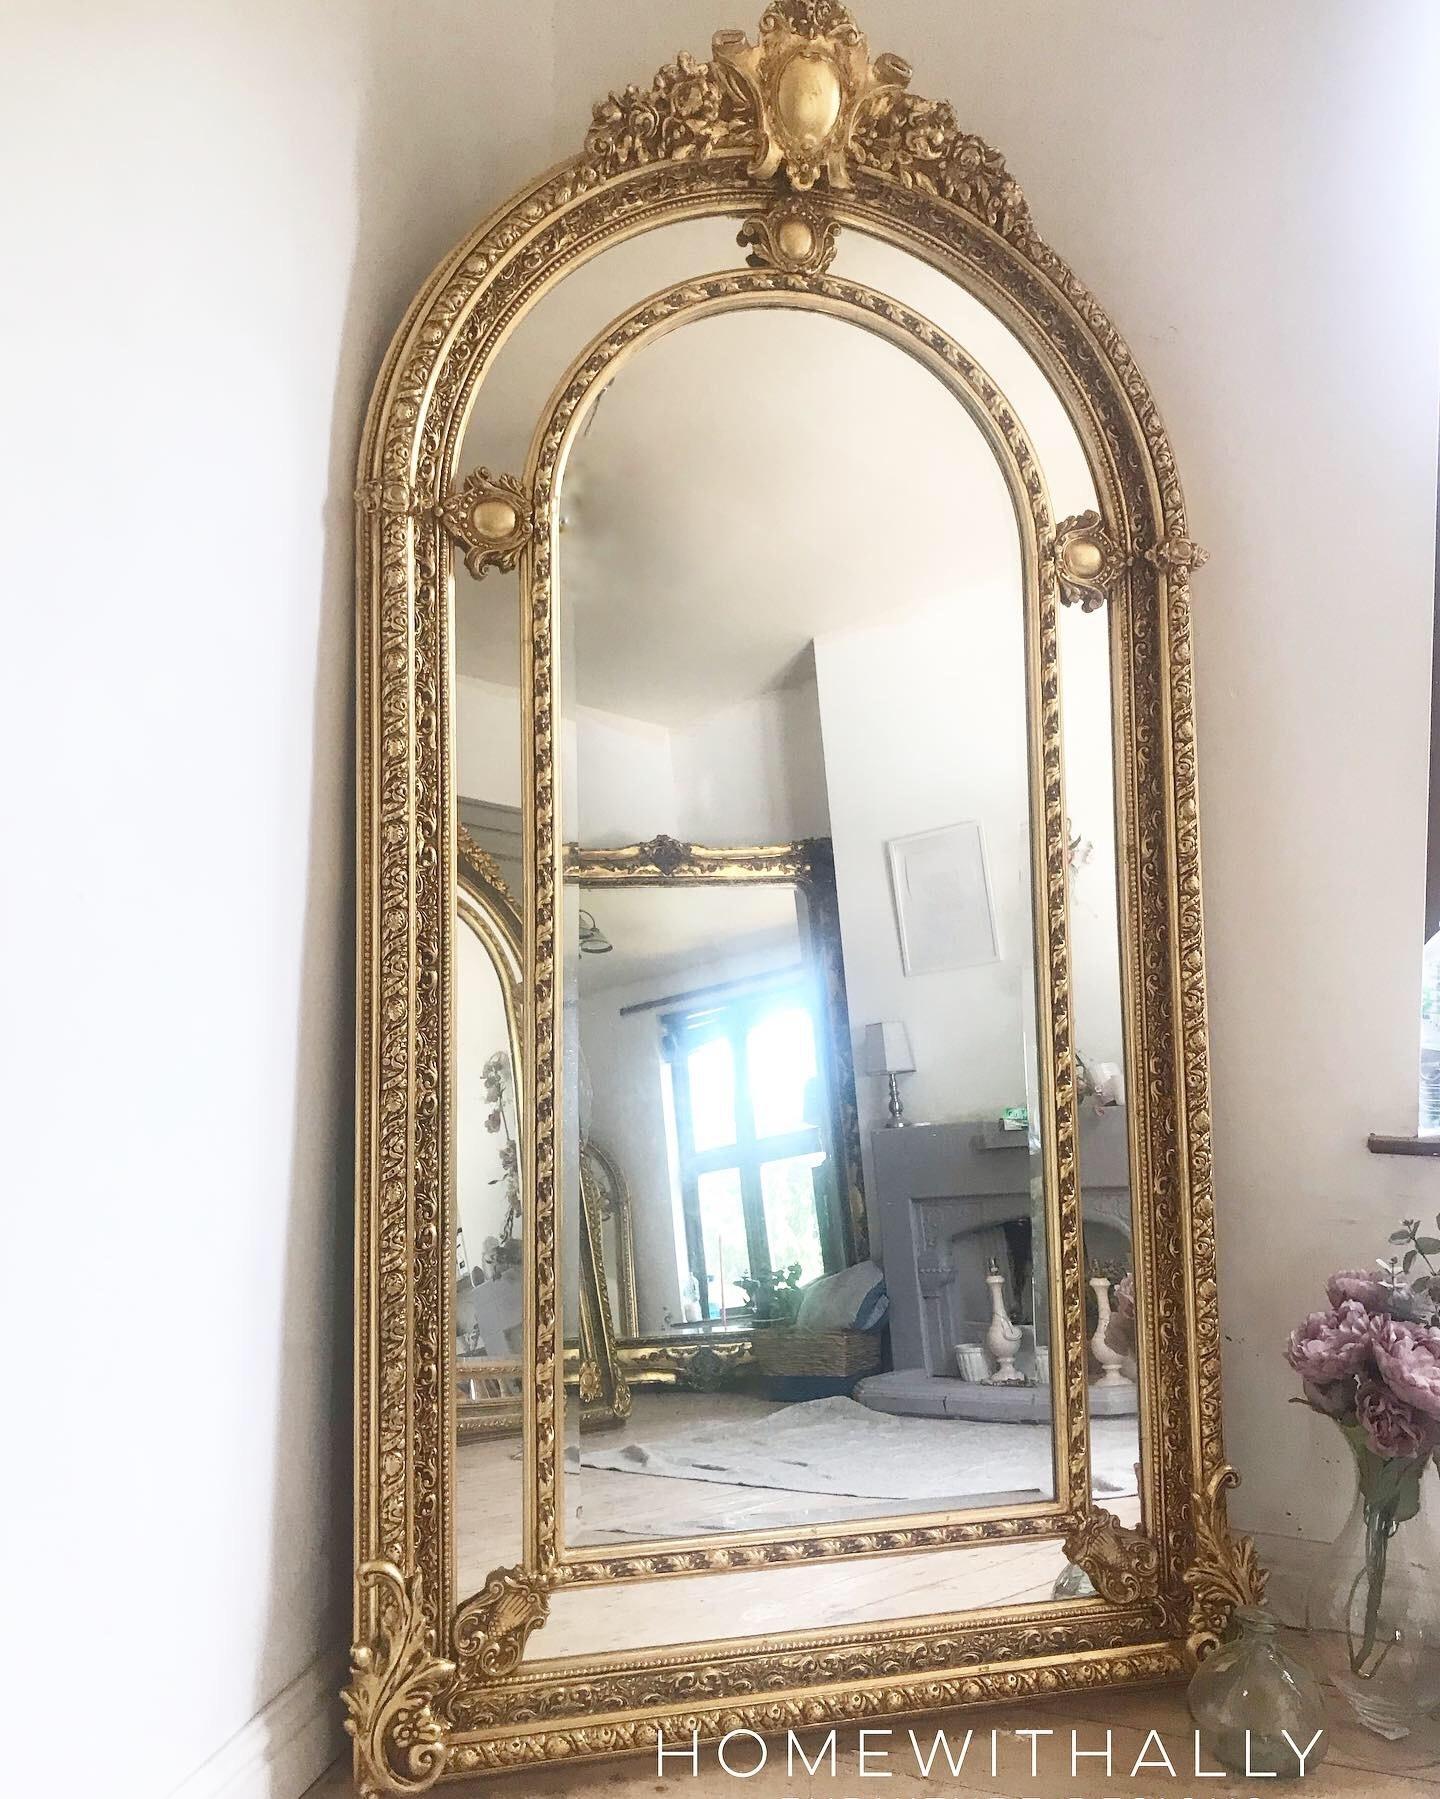 Large 7ft Freestanding Floor Mirror Gilt Arched Ornate Frame Vinterior